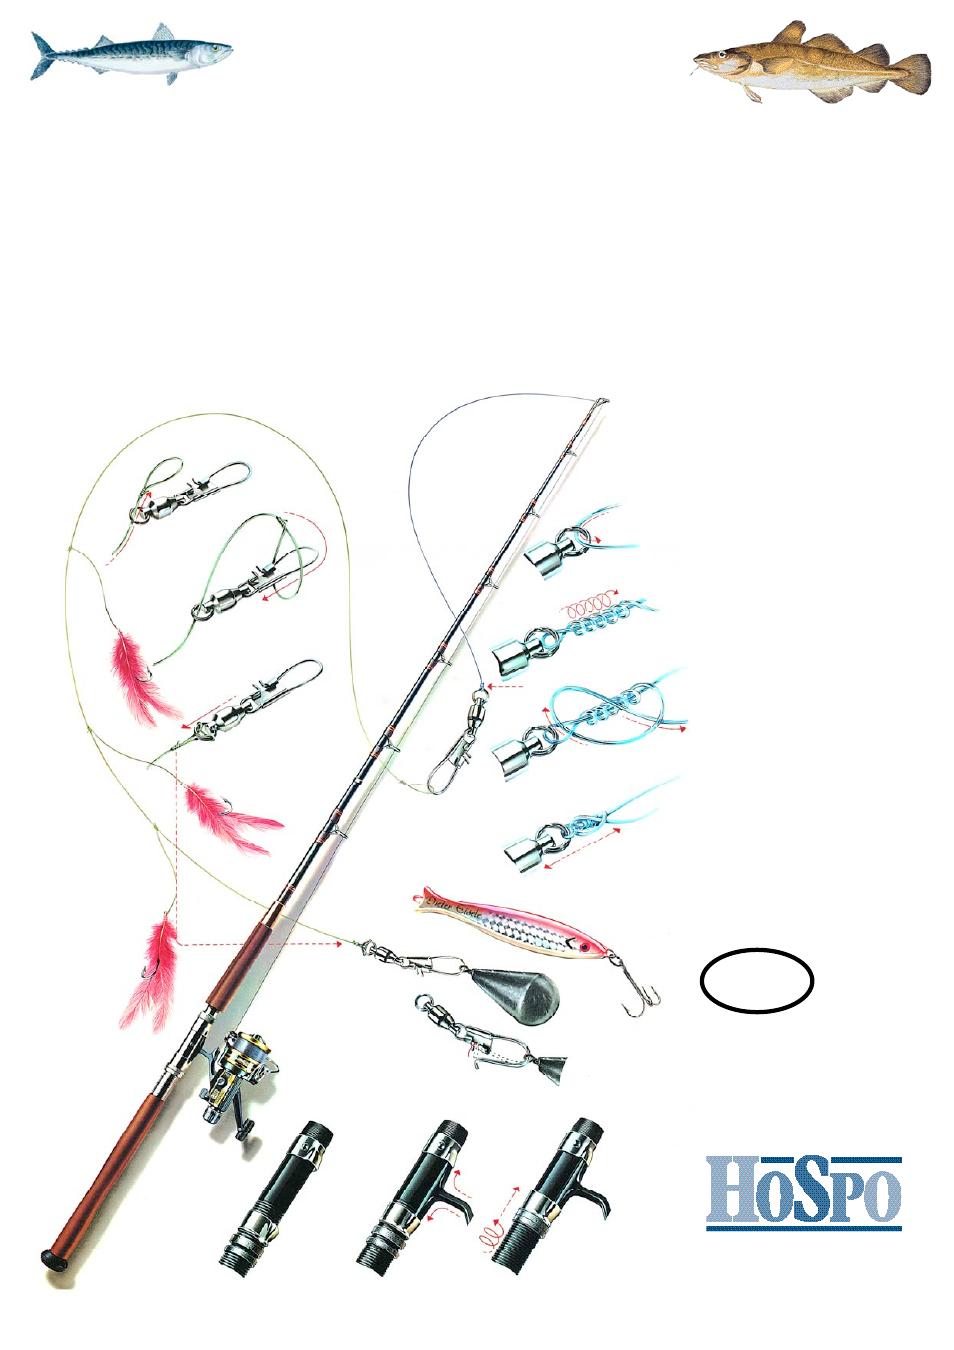 Crivit Bottom Feeder Fishing Reel Combo 300 6 User Manual